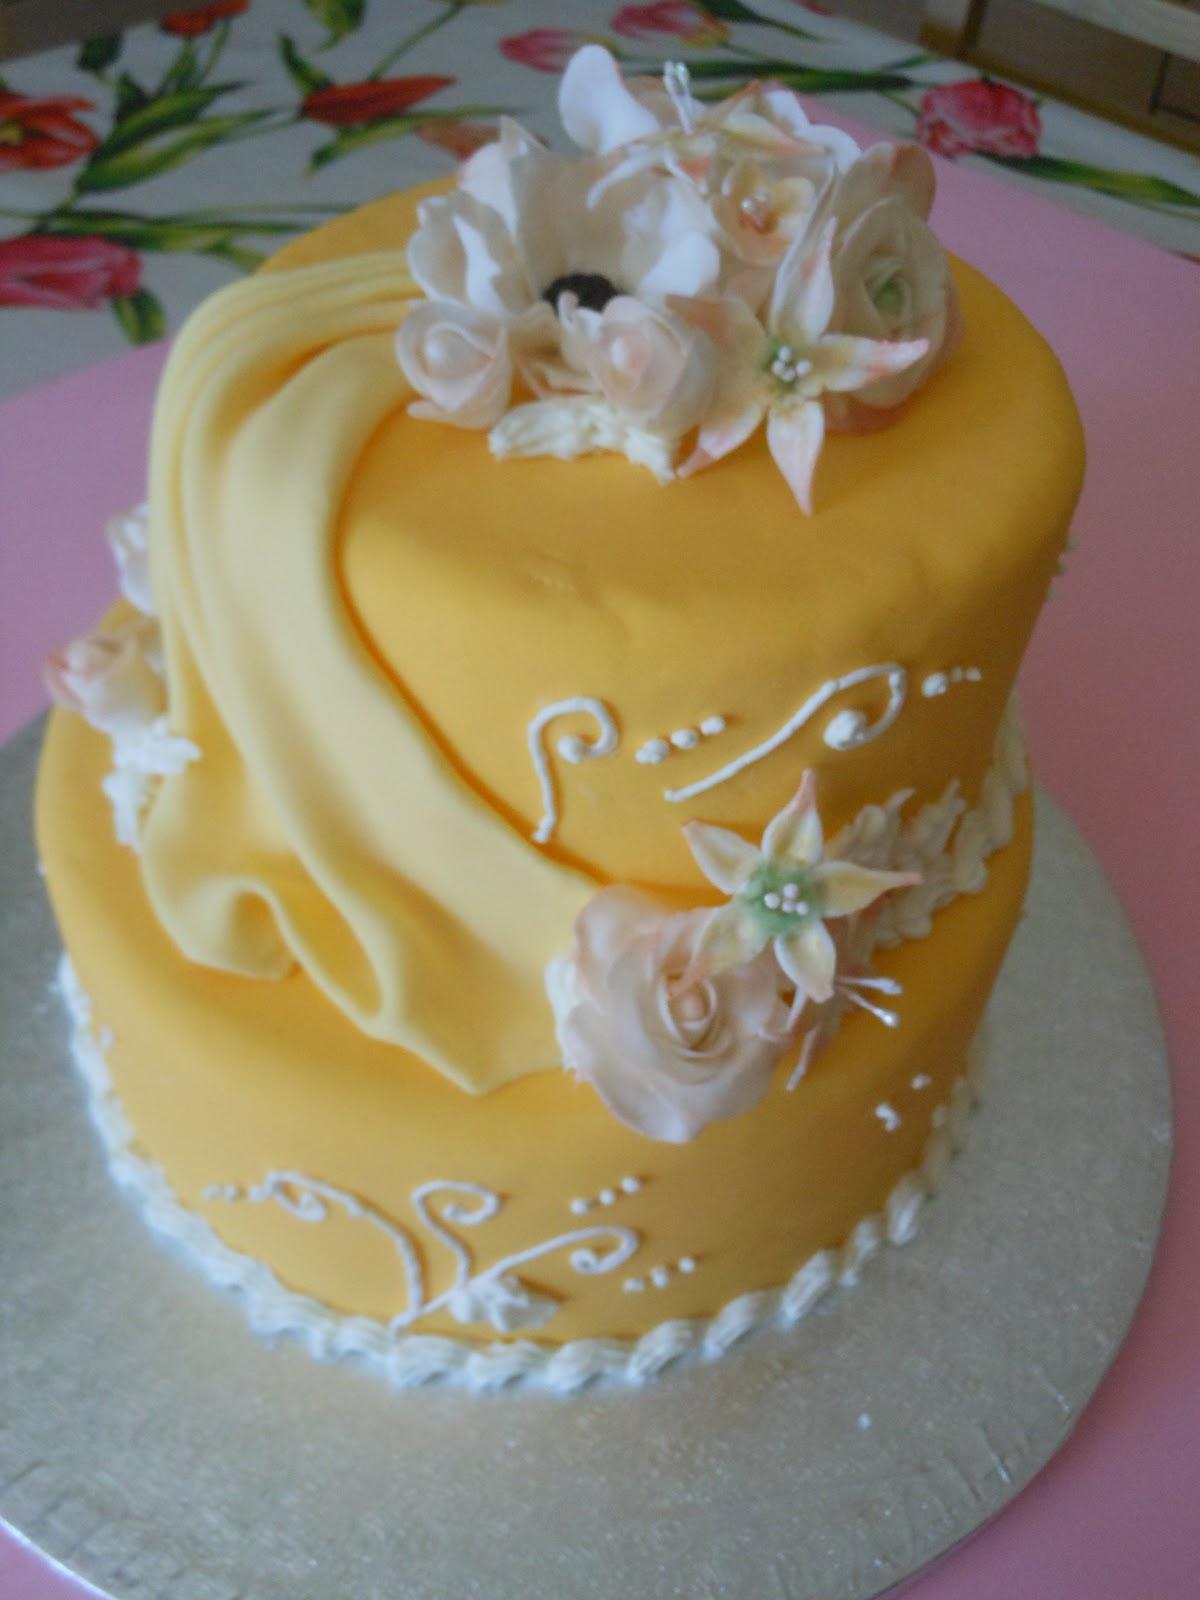 Dolci spignatti nuovo corso torta romantica a due piani for Piani a due piani